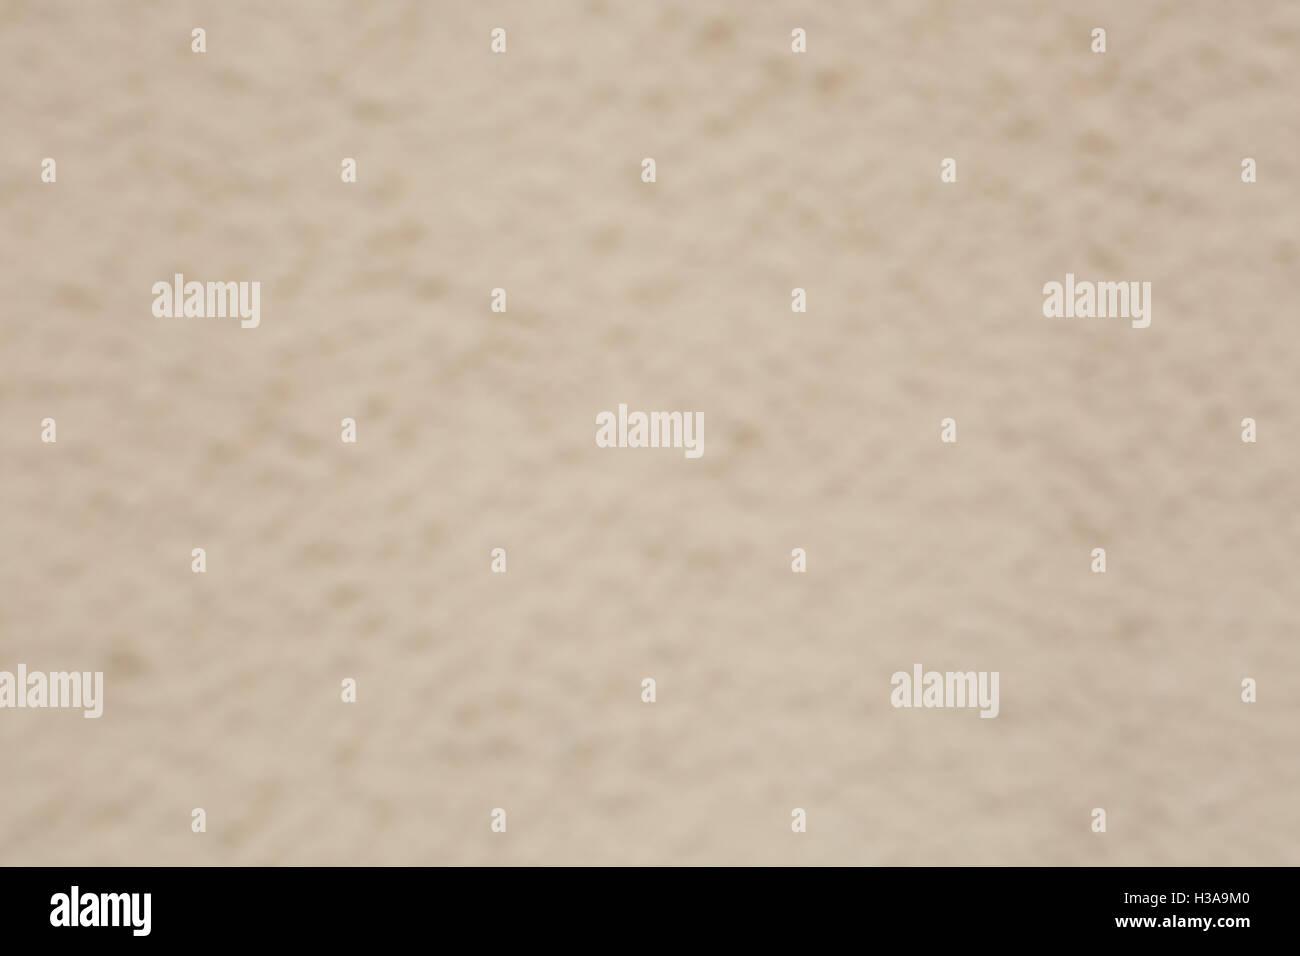 La texture de fond, un son chaud mur. Photo Stock